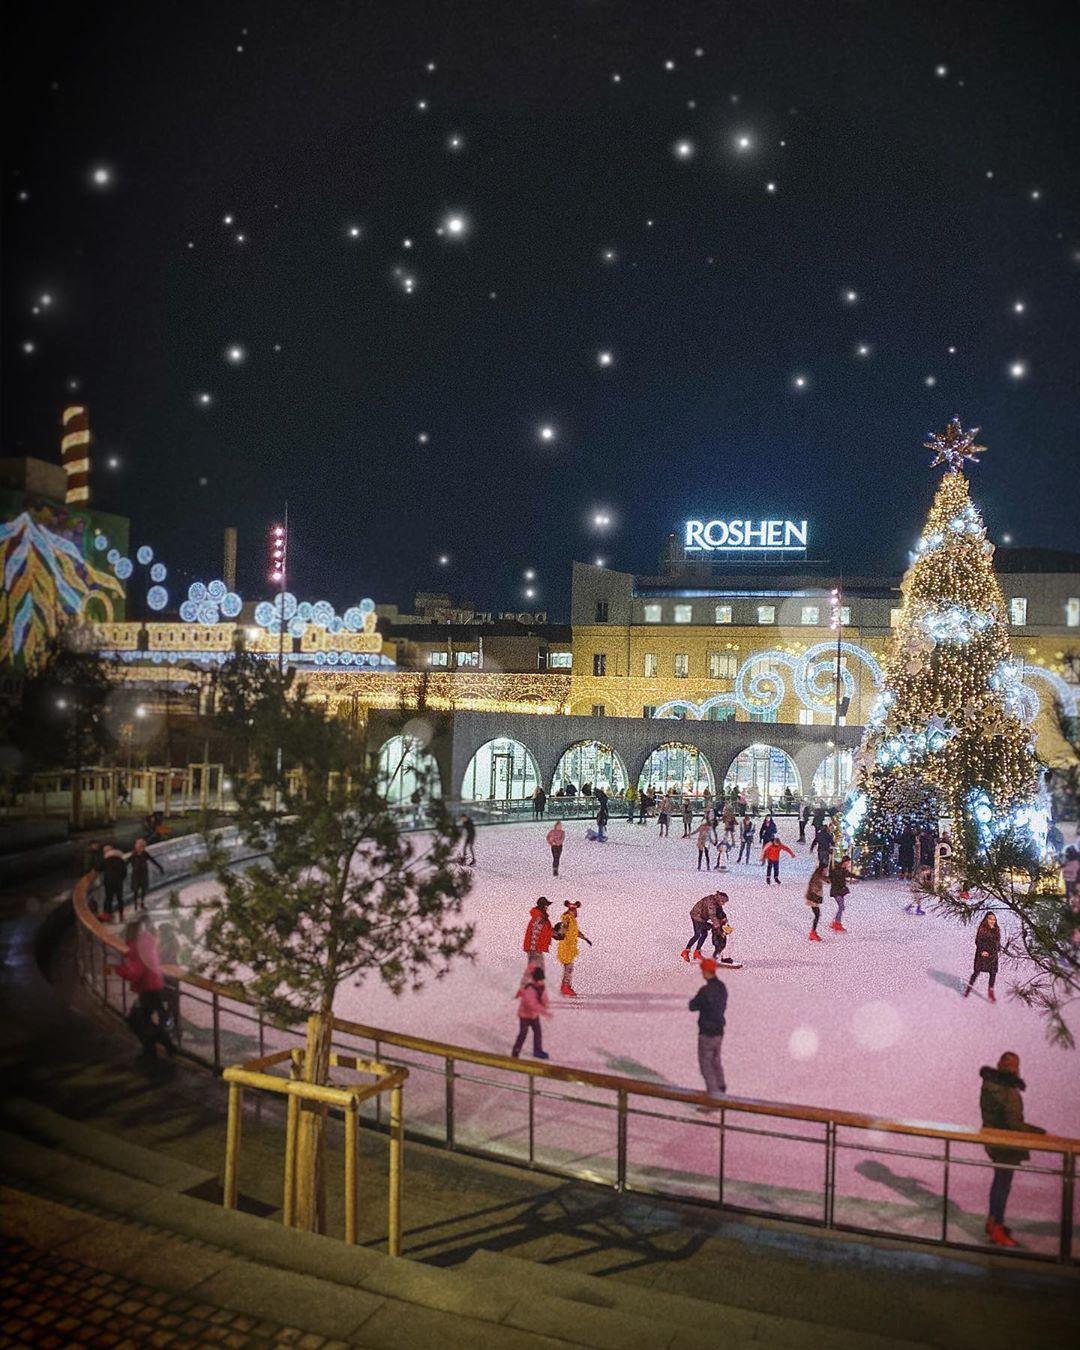 Не покидая Киева можно попасть в настоящую новогоднюю сказку. Фото - @evelinapopova